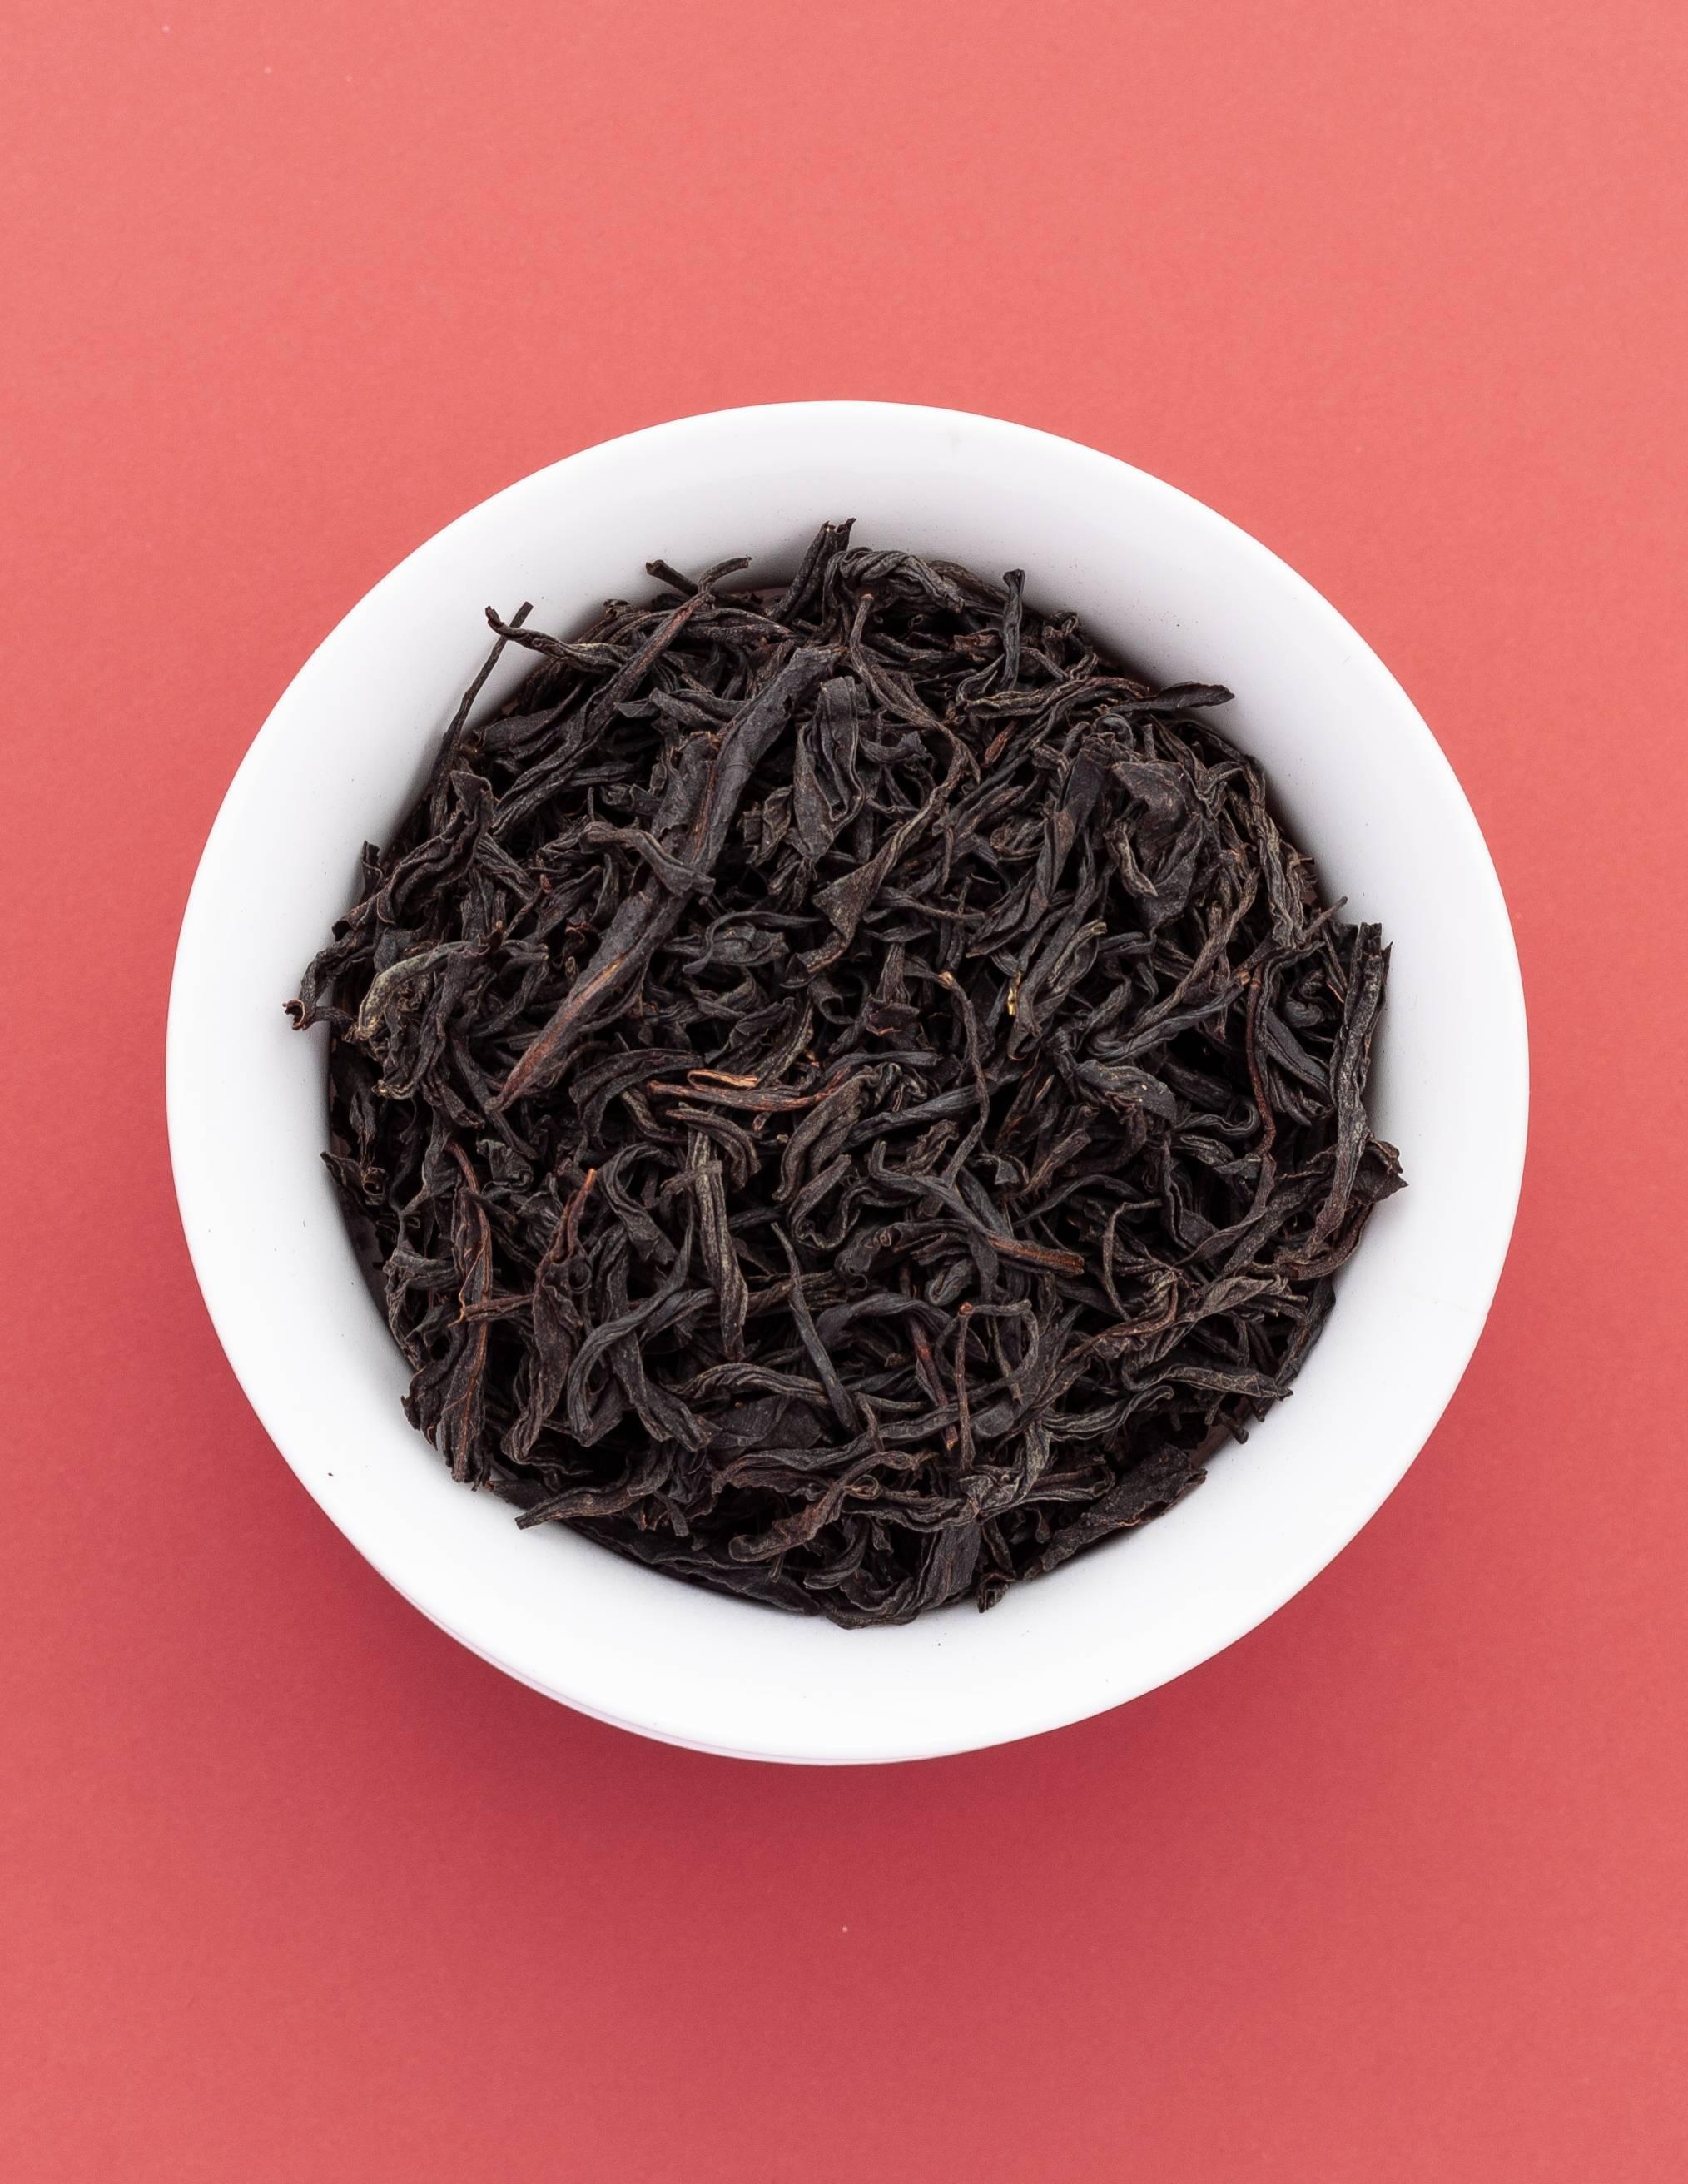 Цзя е лун ча, 佳叶龙茶, драконий чай с прекрасным листом или габа-чай - teaterra   teaterra